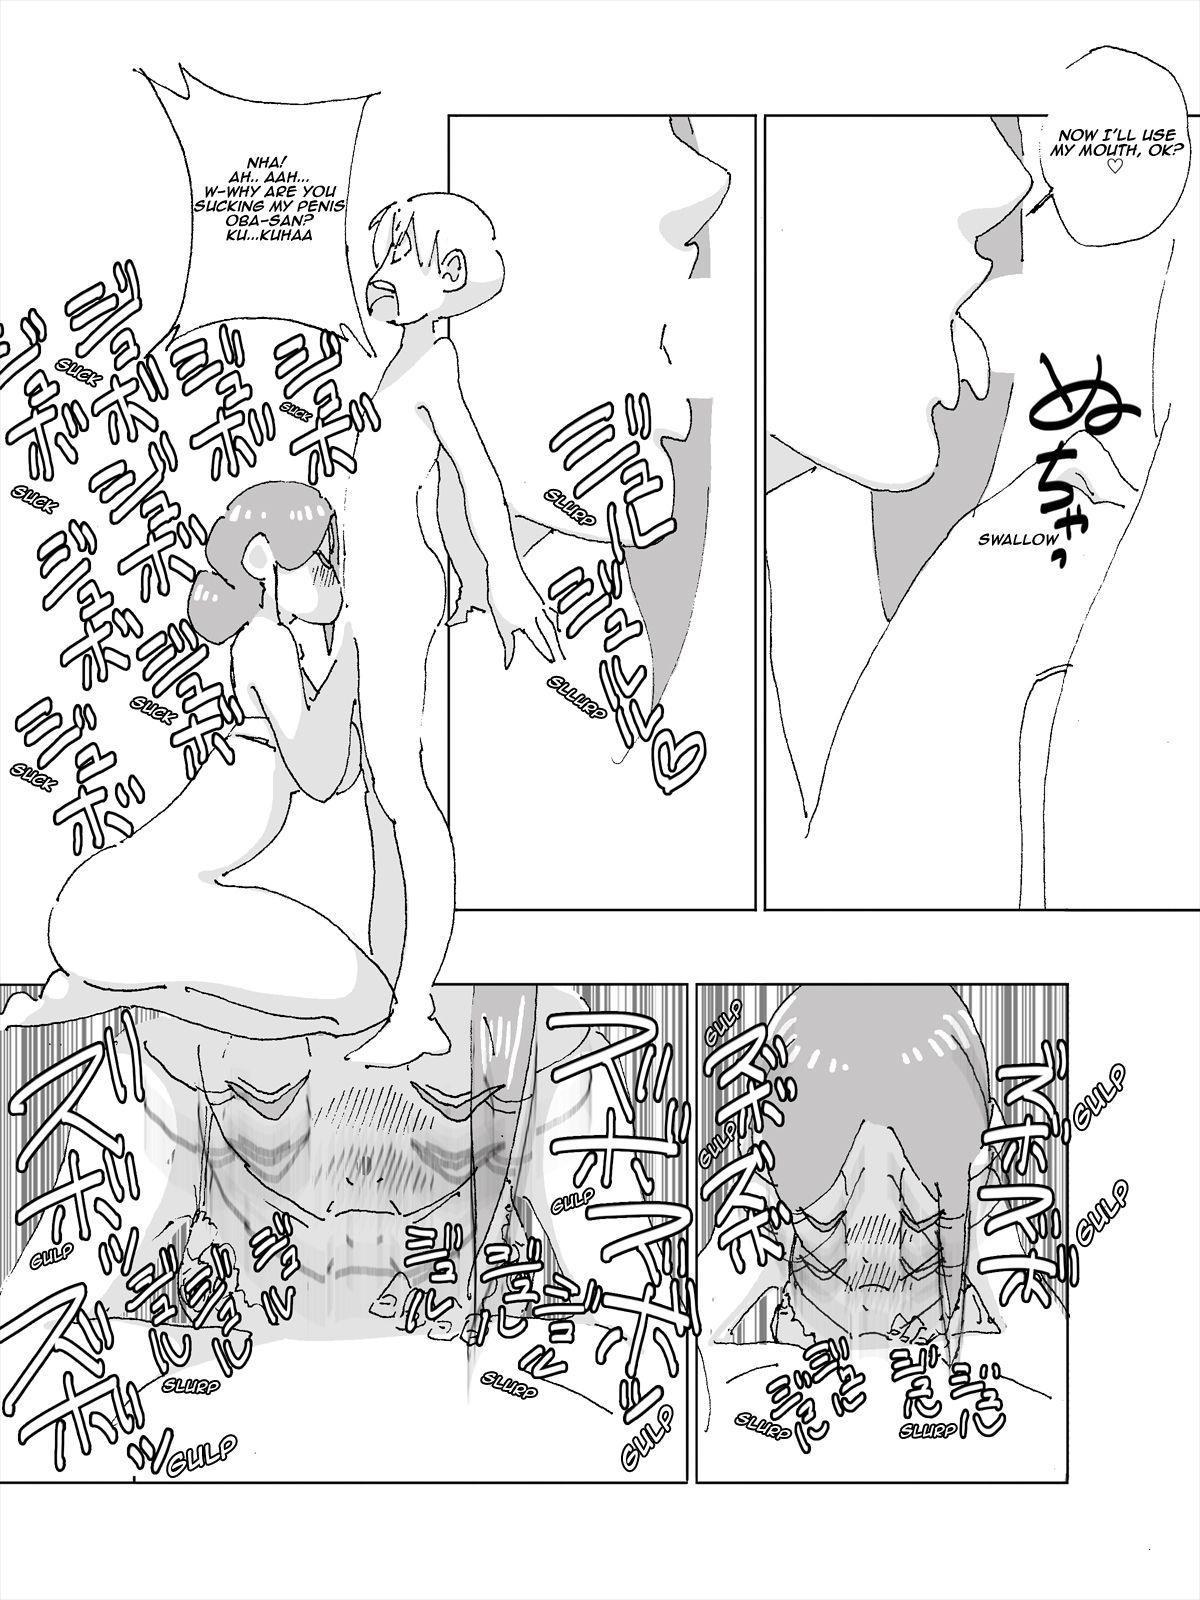 Maseo no Takurami - Musuko no Tomodachi to no Irogoto ga Musuko no Tomodachi ni Bareta Tsuma | Maseo's Plan. Wife's Affair with Her Son's Friend Is Exposed by Her Son's Friend. 3